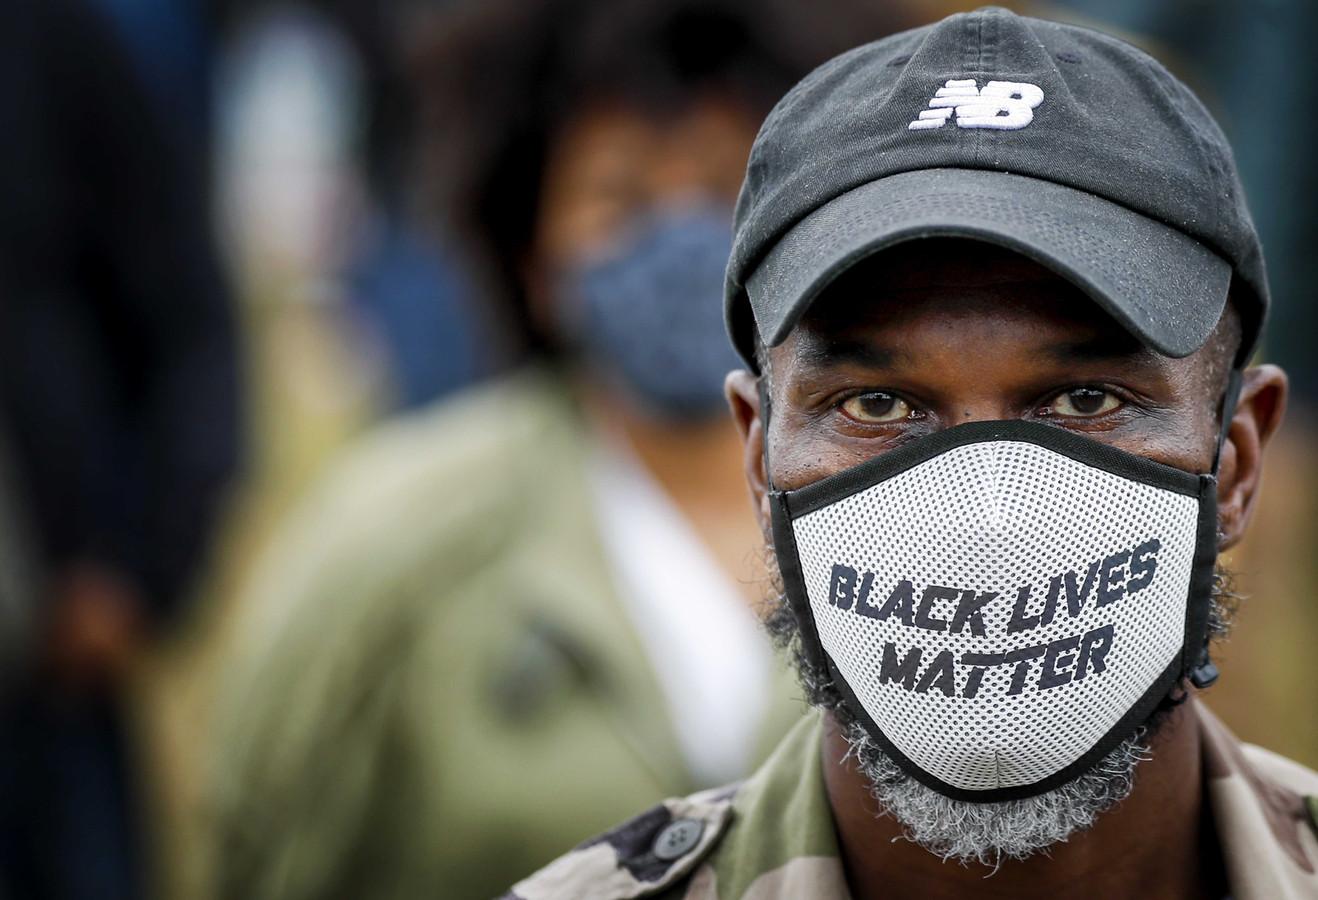 Demonstranten tijdens een demonstratie tegen racisme in het Nelson Mandelapark in de Bijlmer Amsterdam.